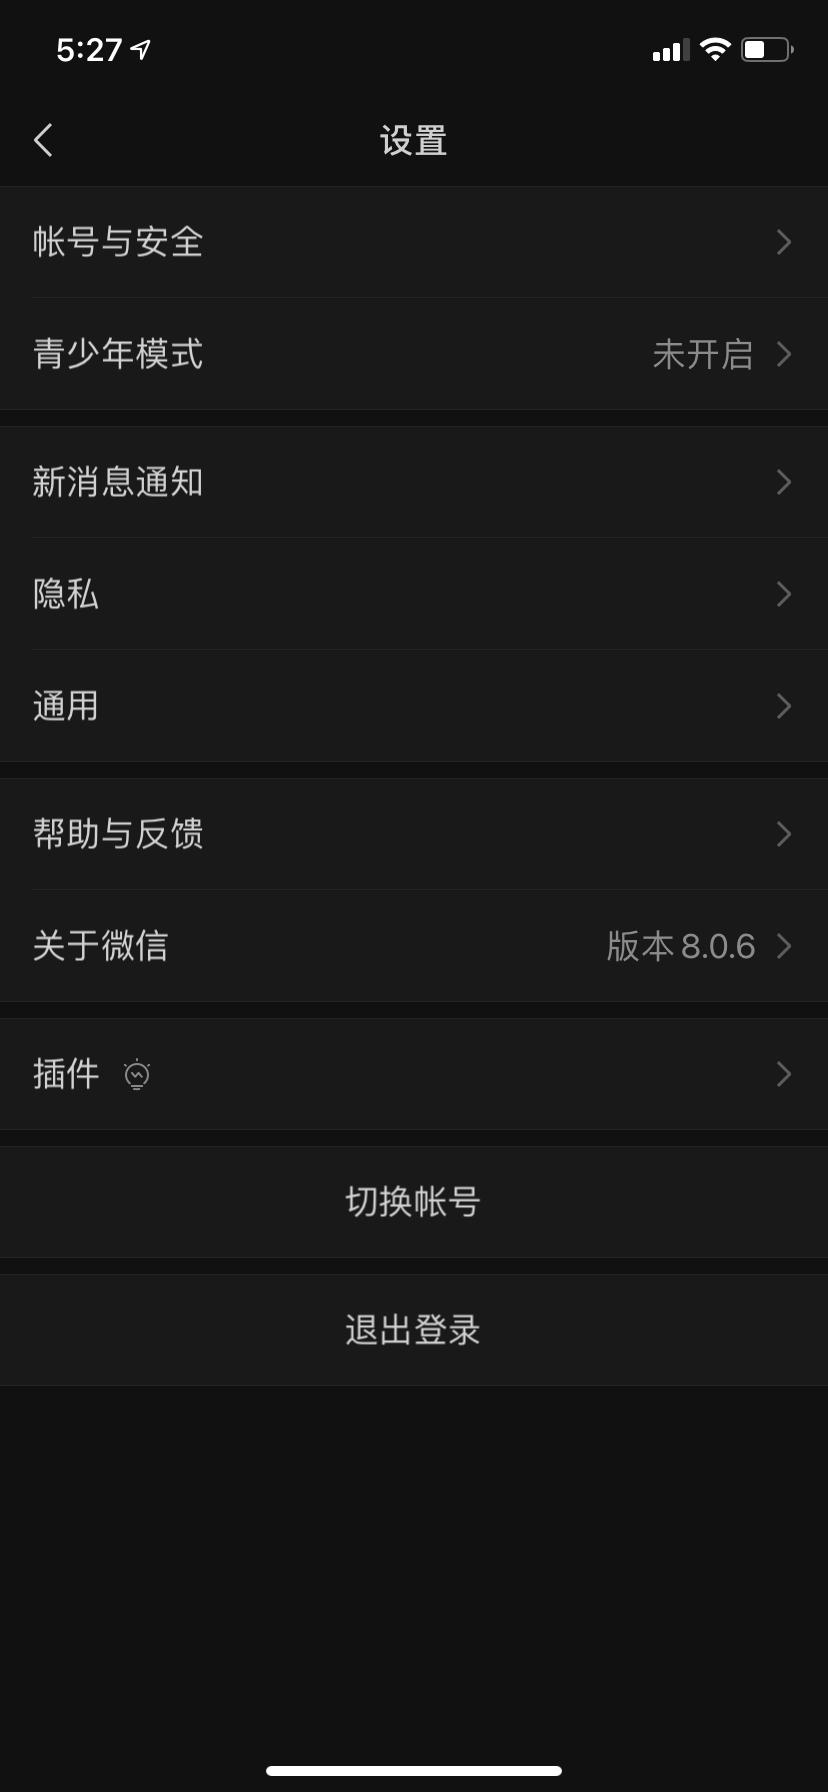 苹果手机双开微信会不会被封号-绿洲云